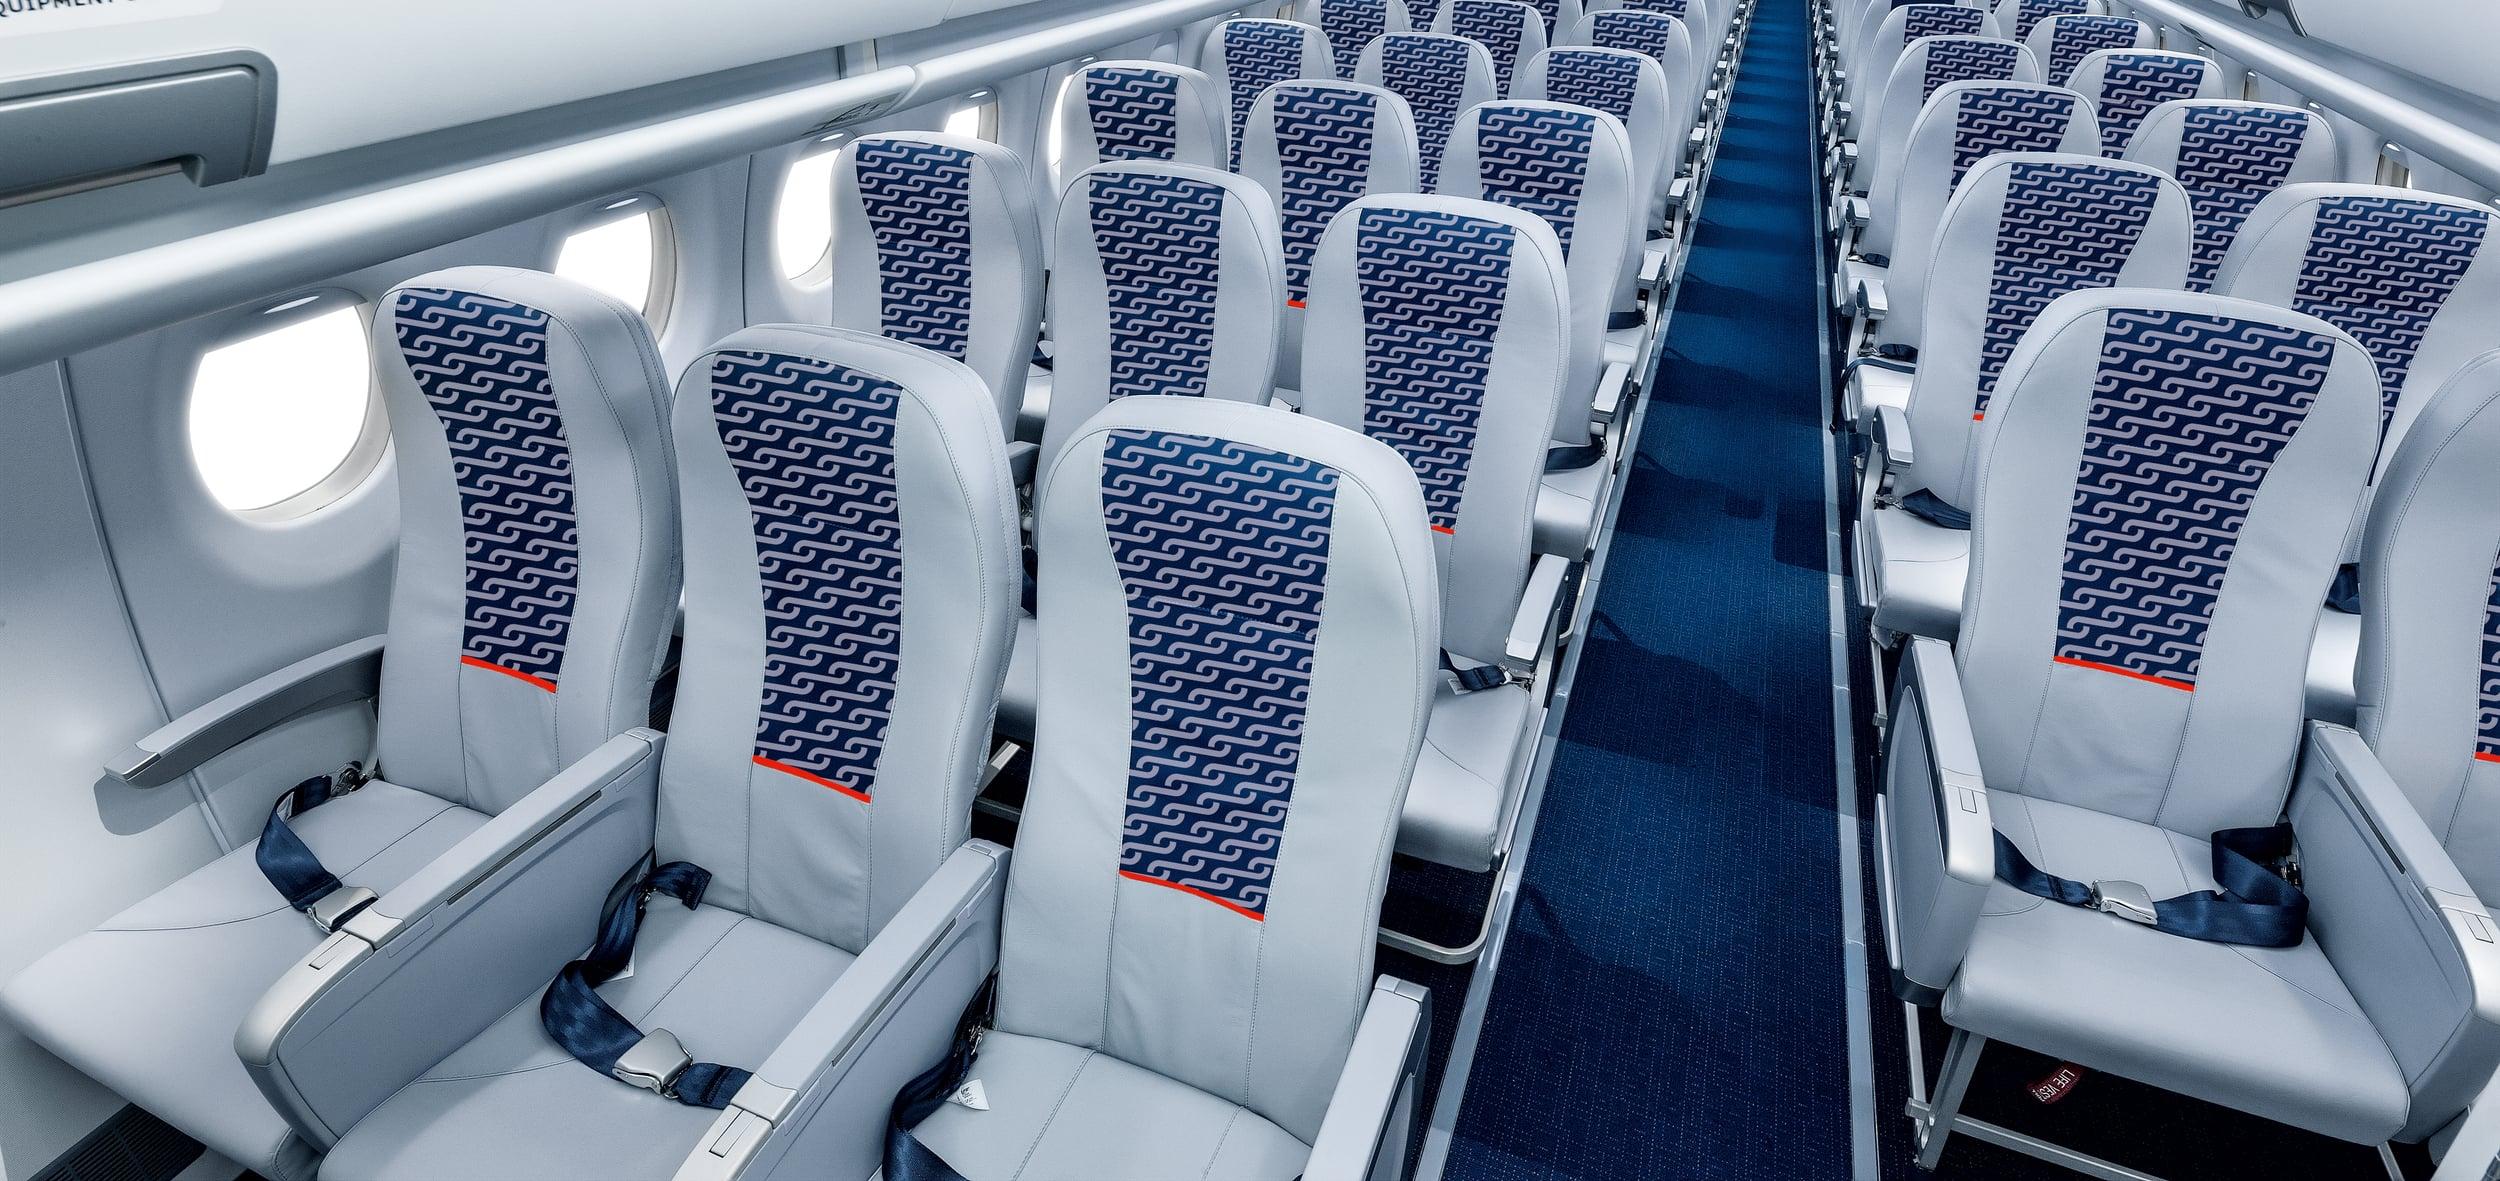 seats_economy.jpg